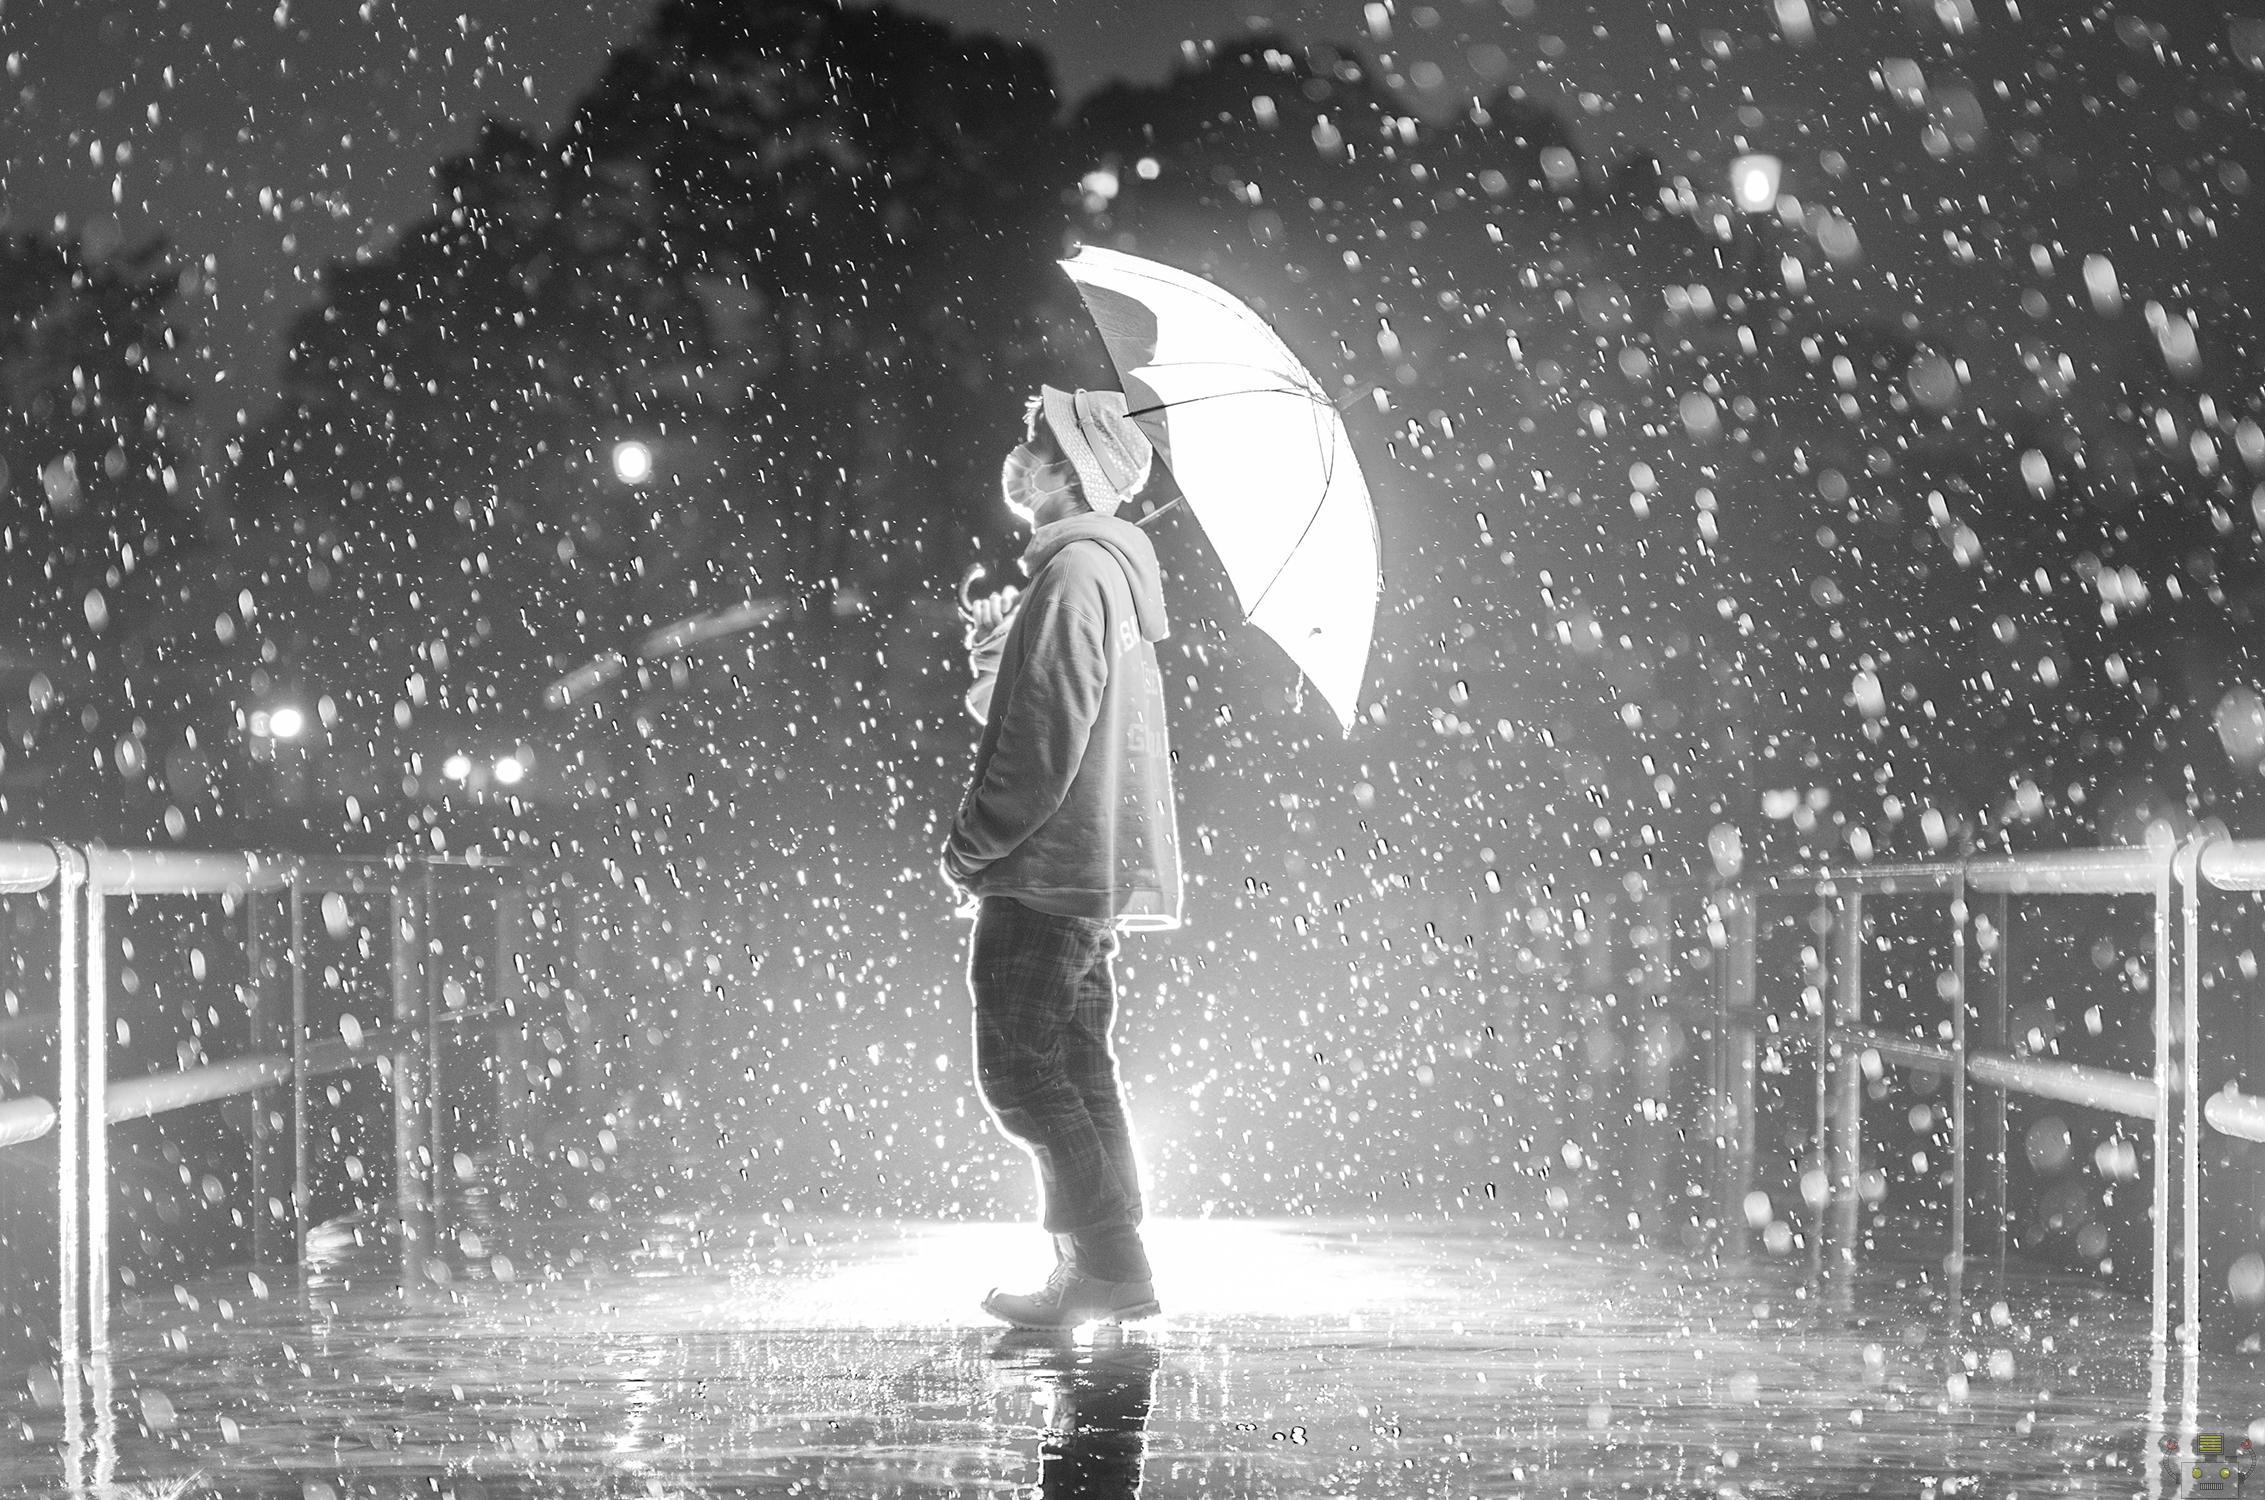 雨のキレイで高画質な画像 壁紙まとめ 写真まとめサイト Pictas